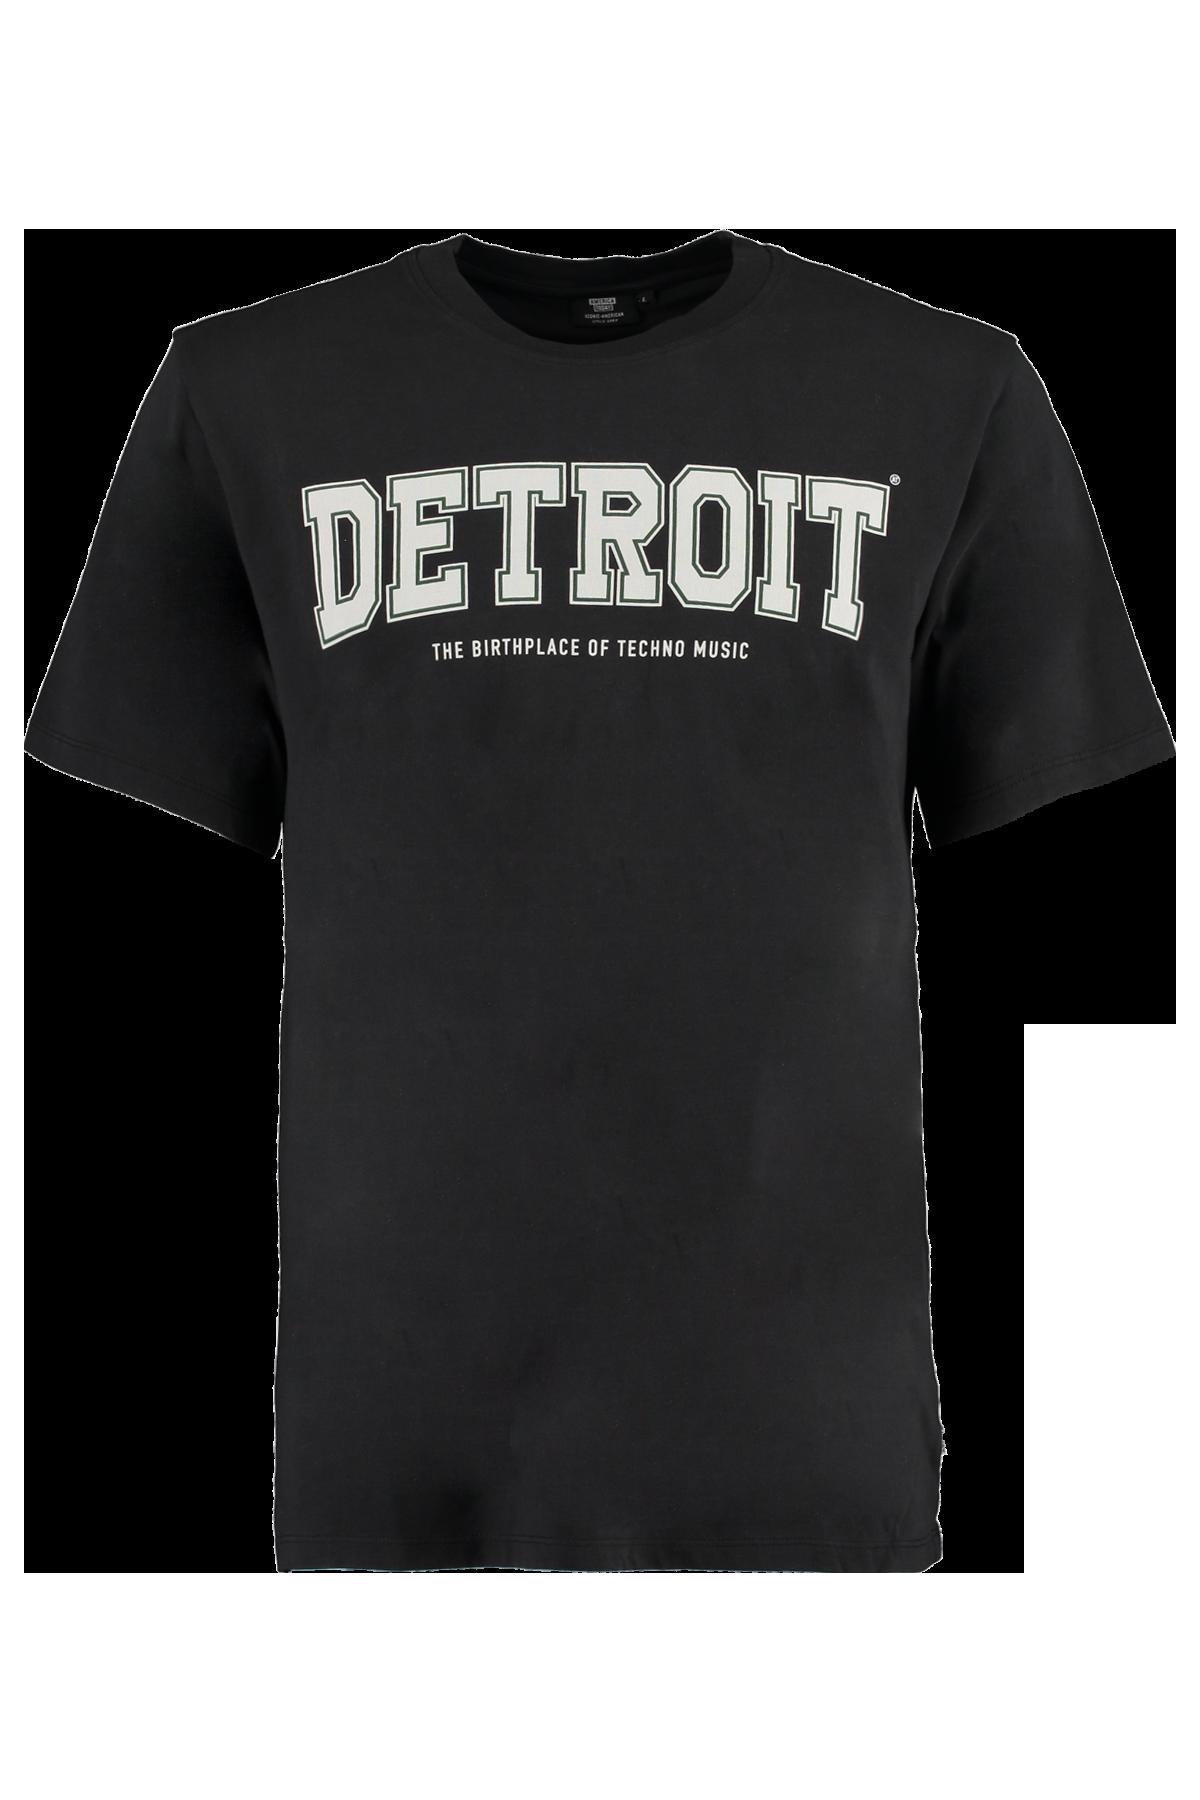 Eddie Detroit